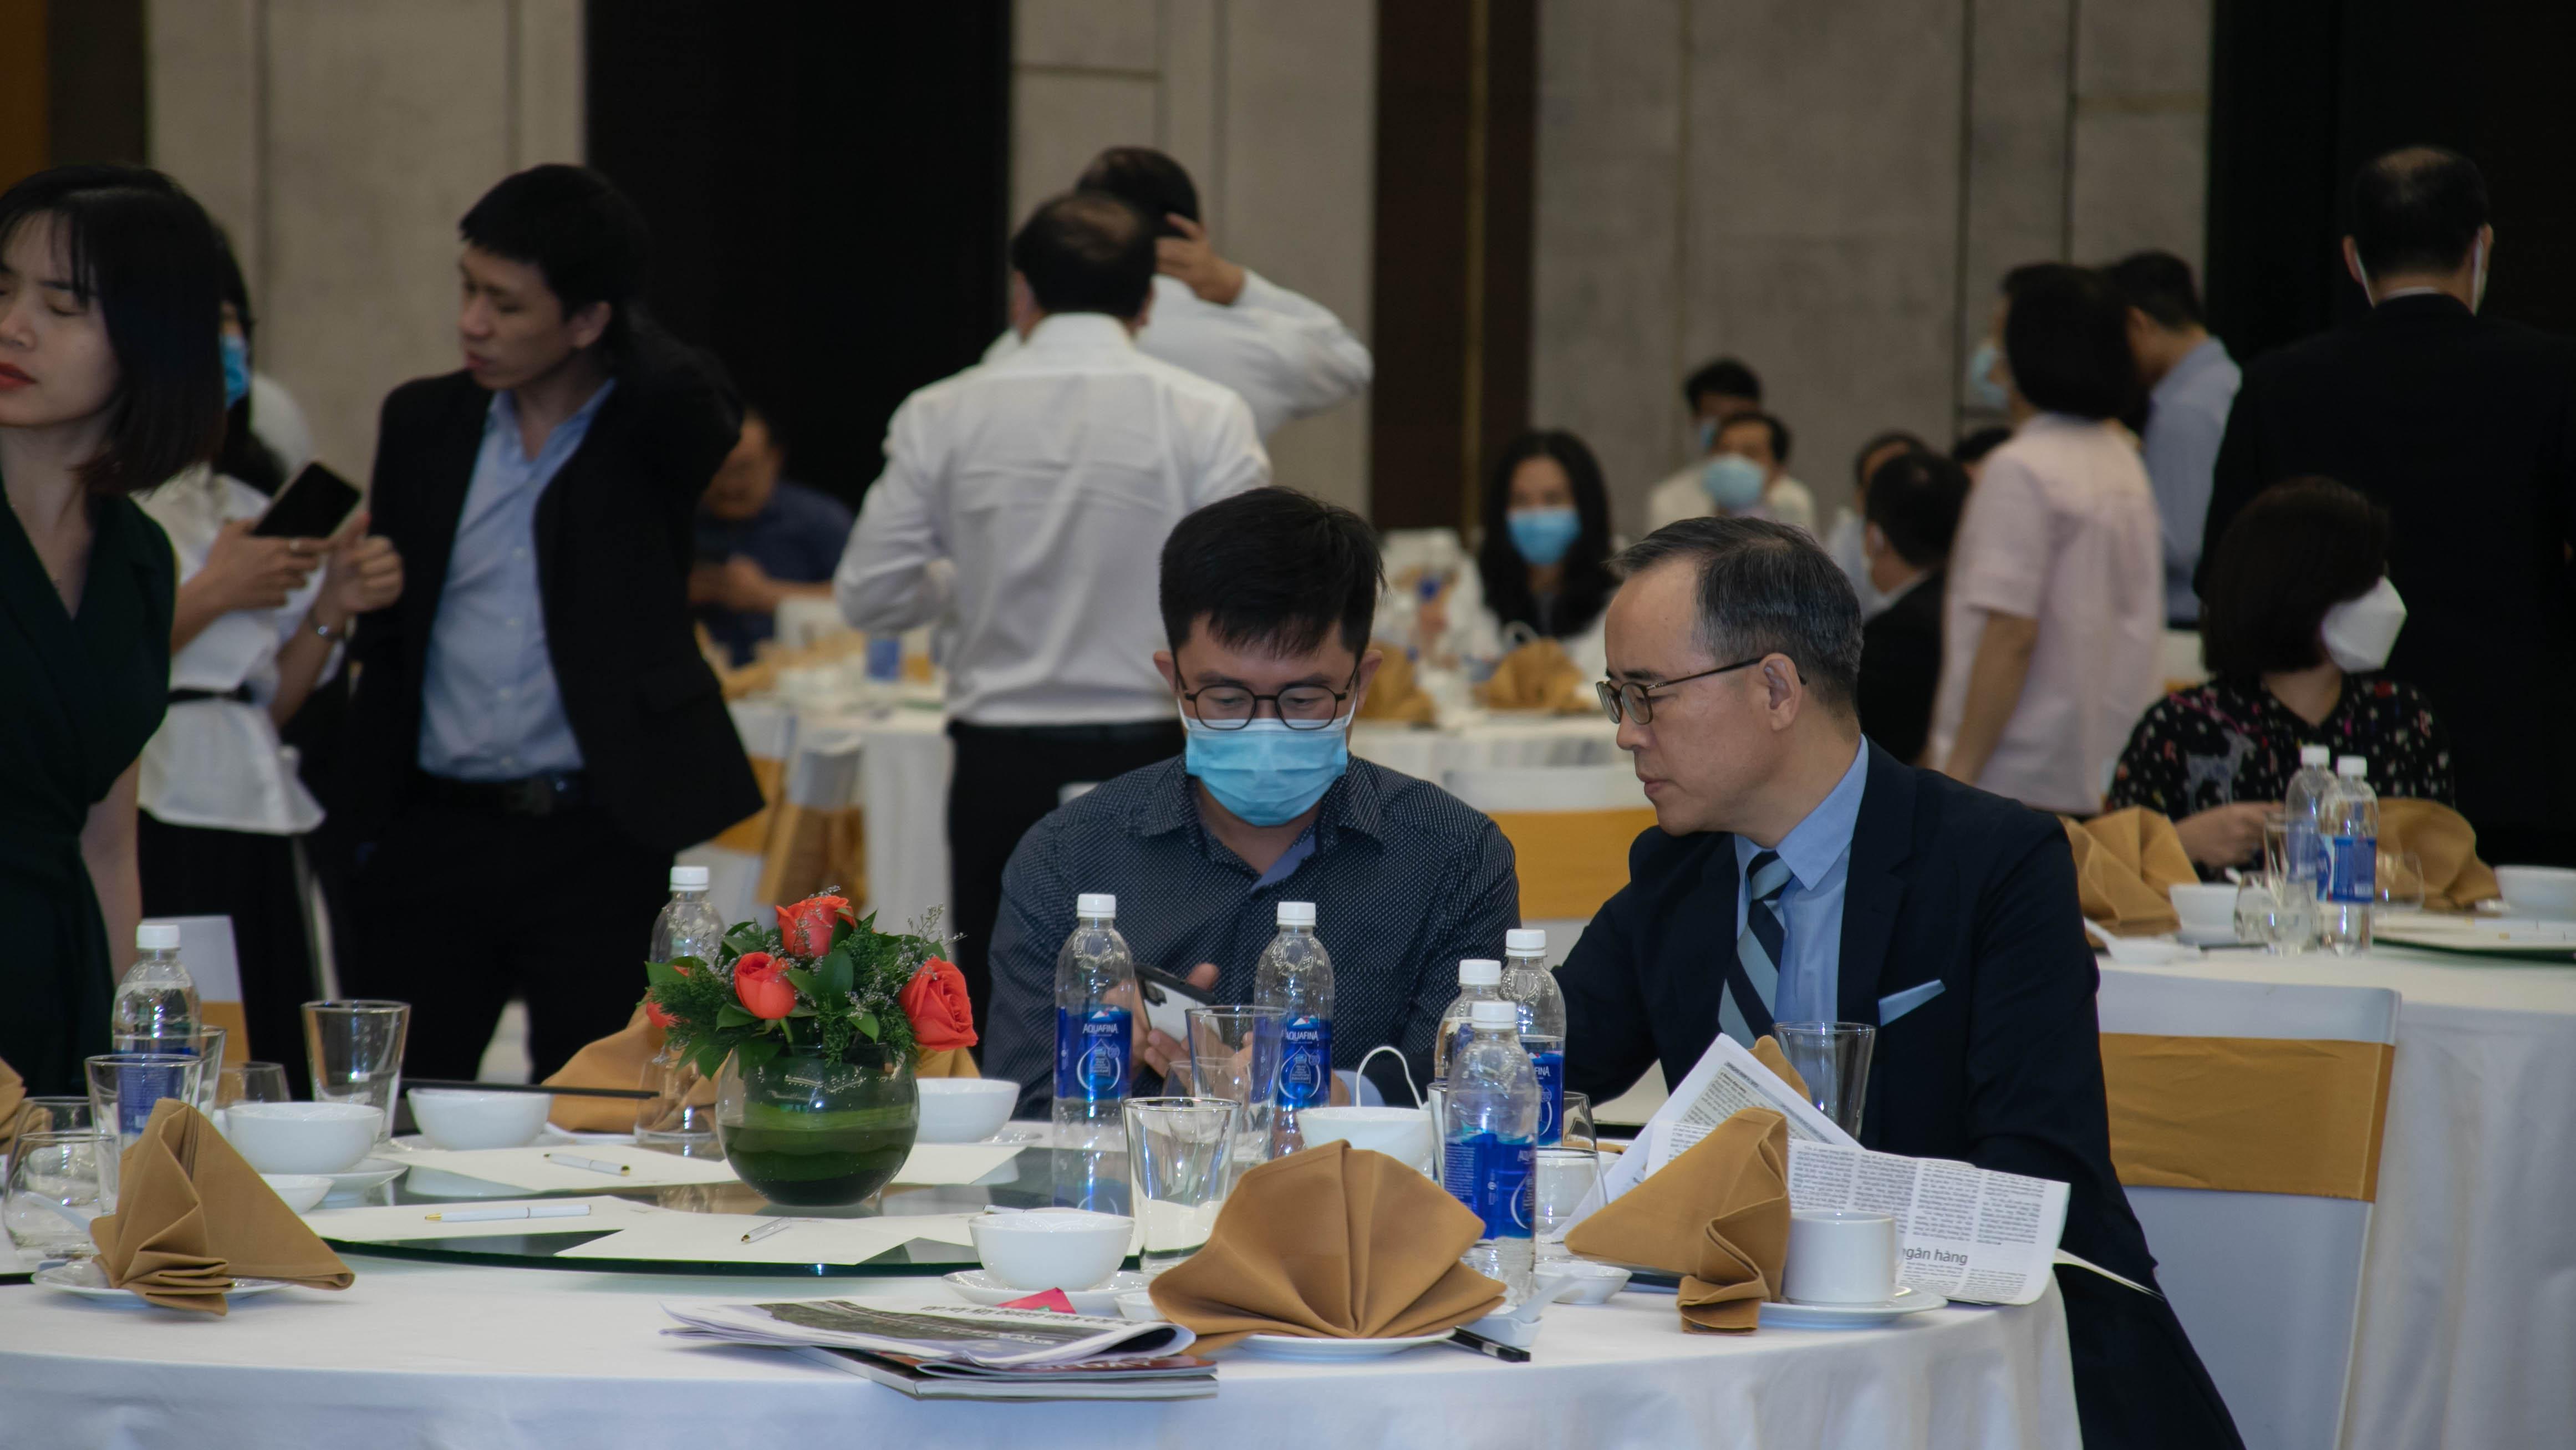 https://www.aravietnam.vn/wp-content/uploads/2020/12/IMG_8646.jpg